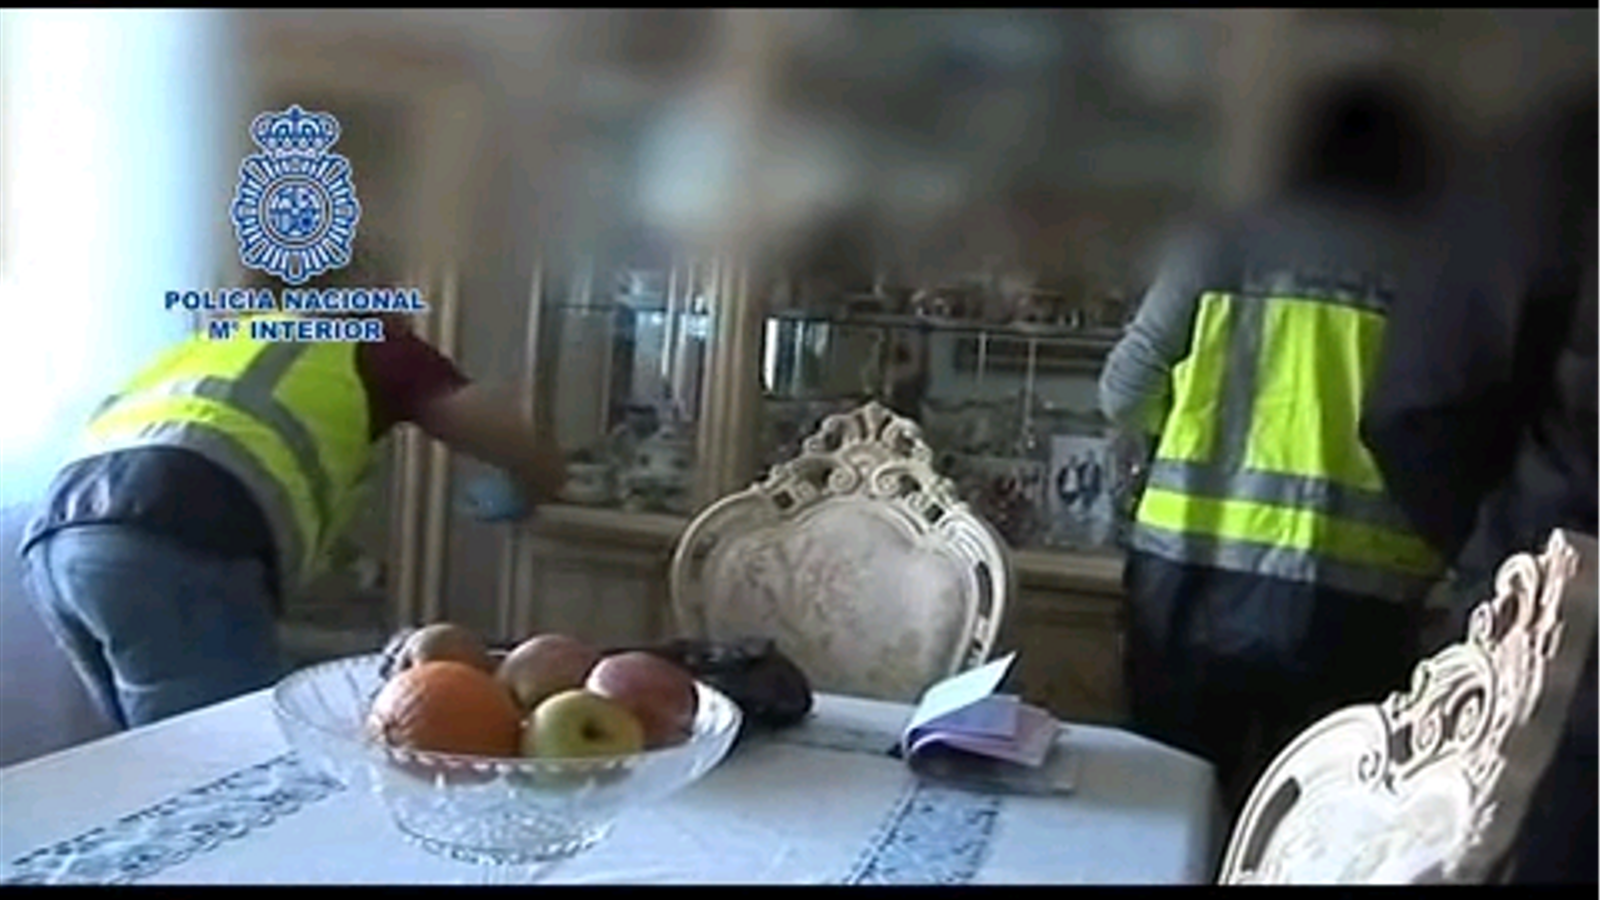 Vídeo de l'operació policial que va acabar amb la detenció dels acusats